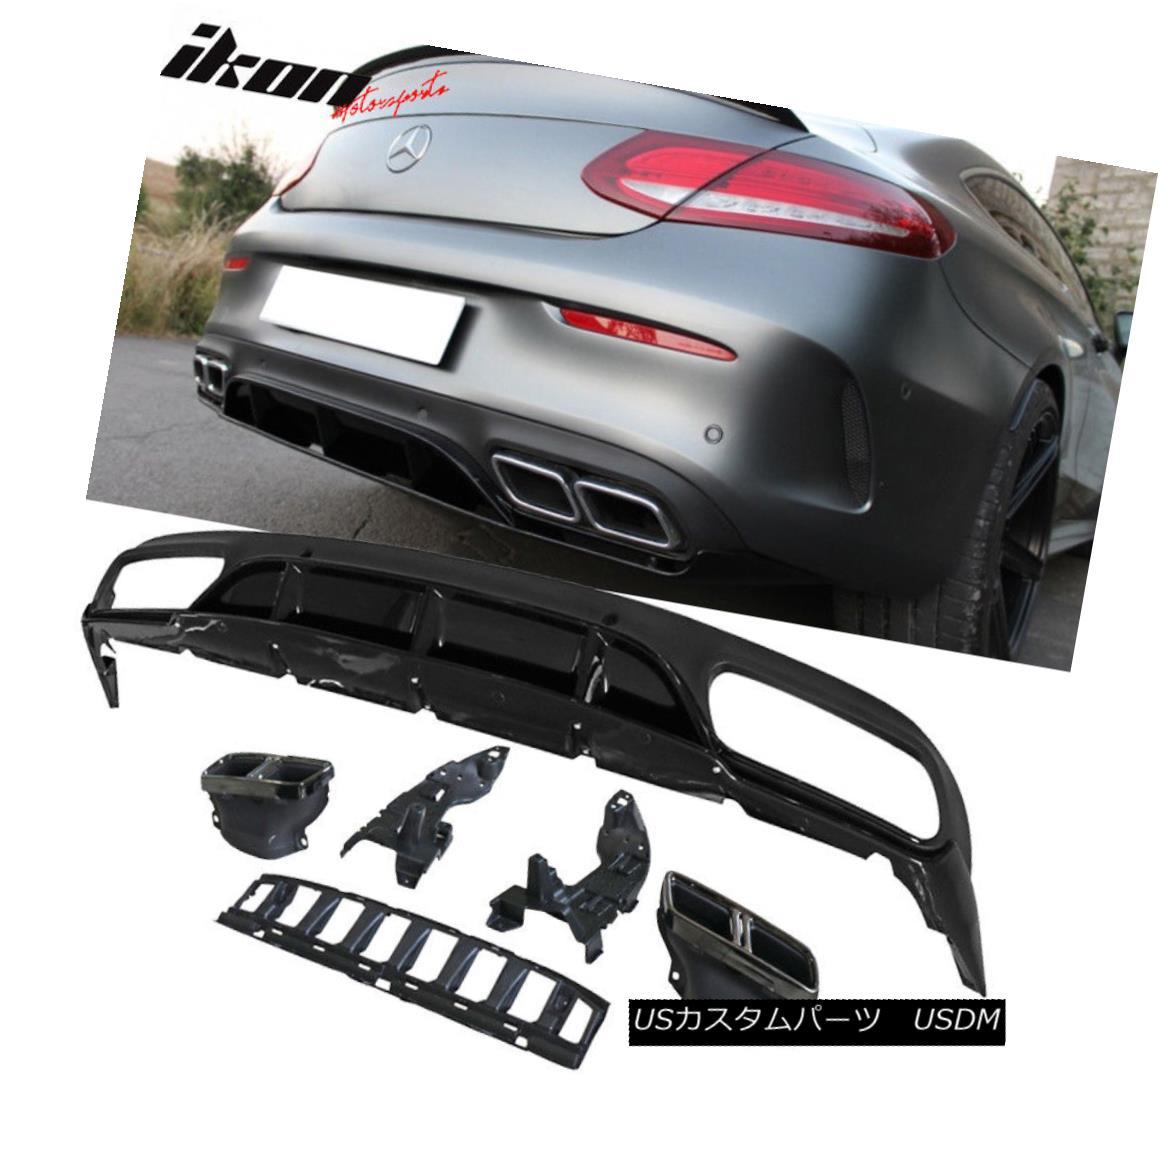 エアロパーツ Fits 15-18 Benz C-Class W205 C63 AMG Style Rear Diffuser Black PP フィット15-18ベンツCクラスW205 C63 AMGスタイルリアディフューザブラックPP